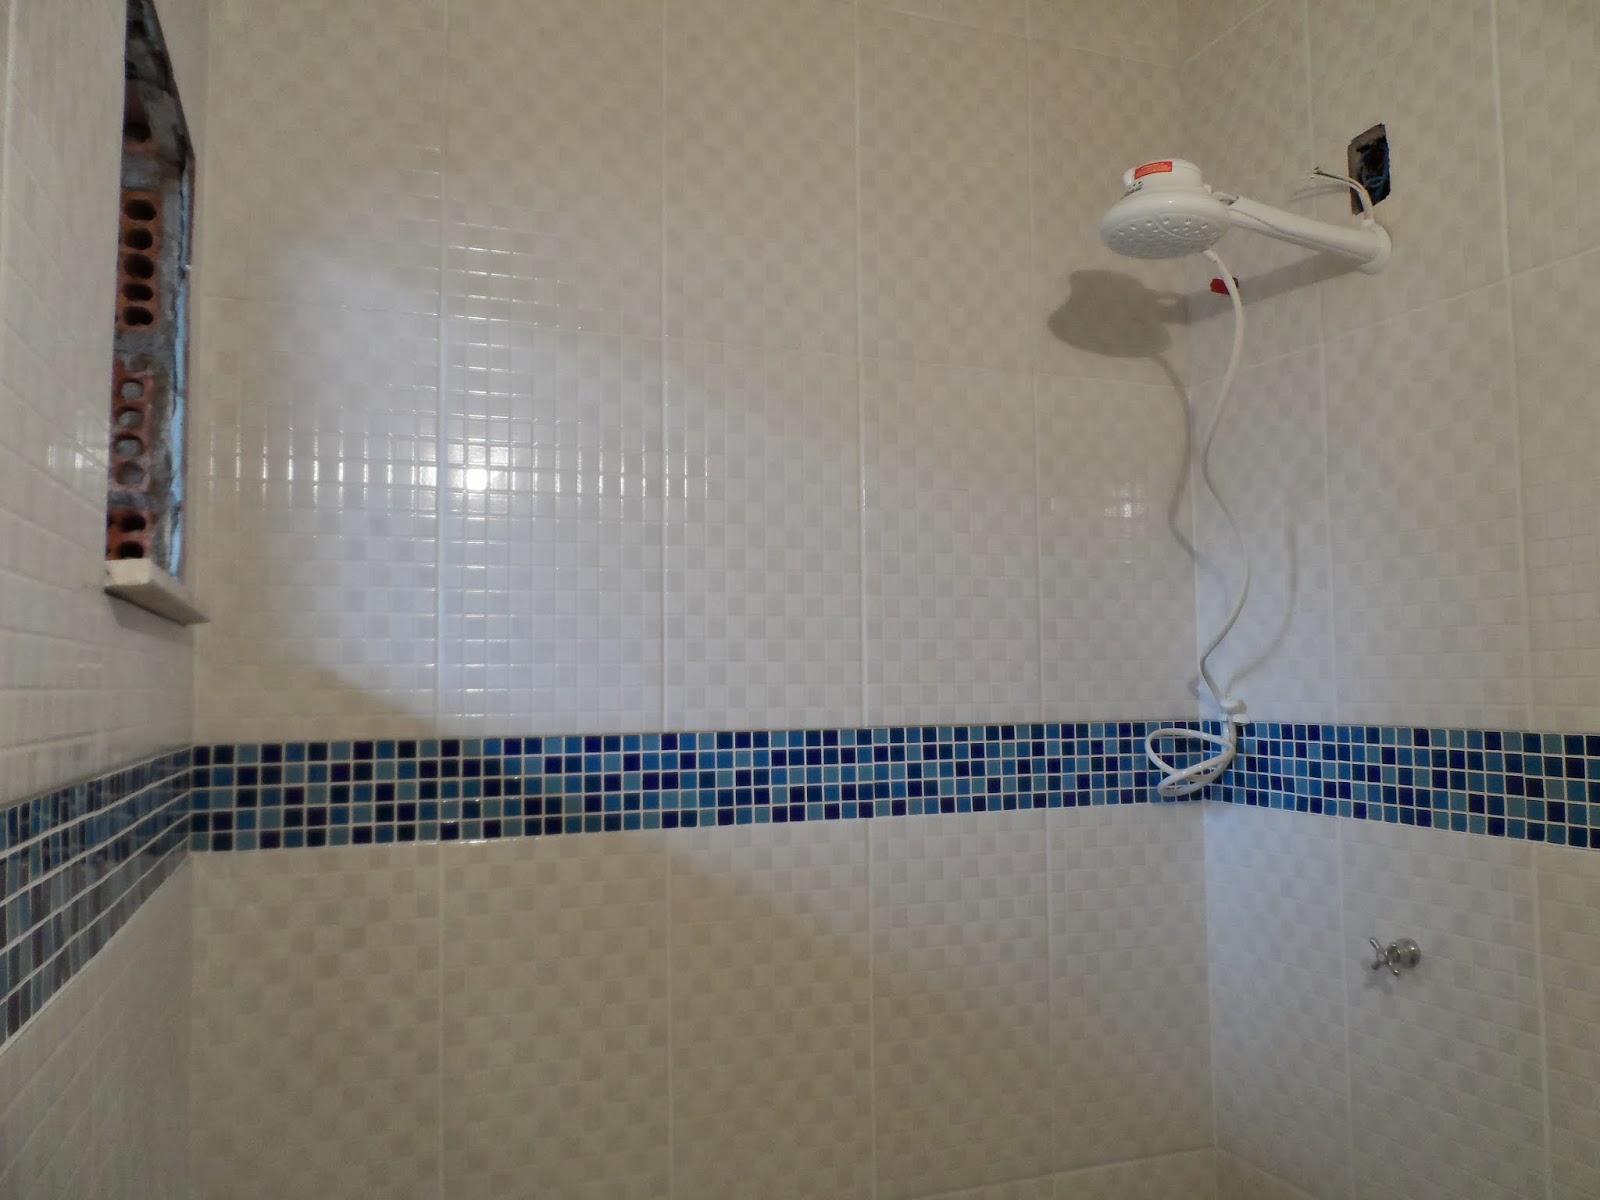 Minha casa te inspira: Banheiro azul e Branco #314863 1600x1200 Banheiro Azul Escuro E Branco